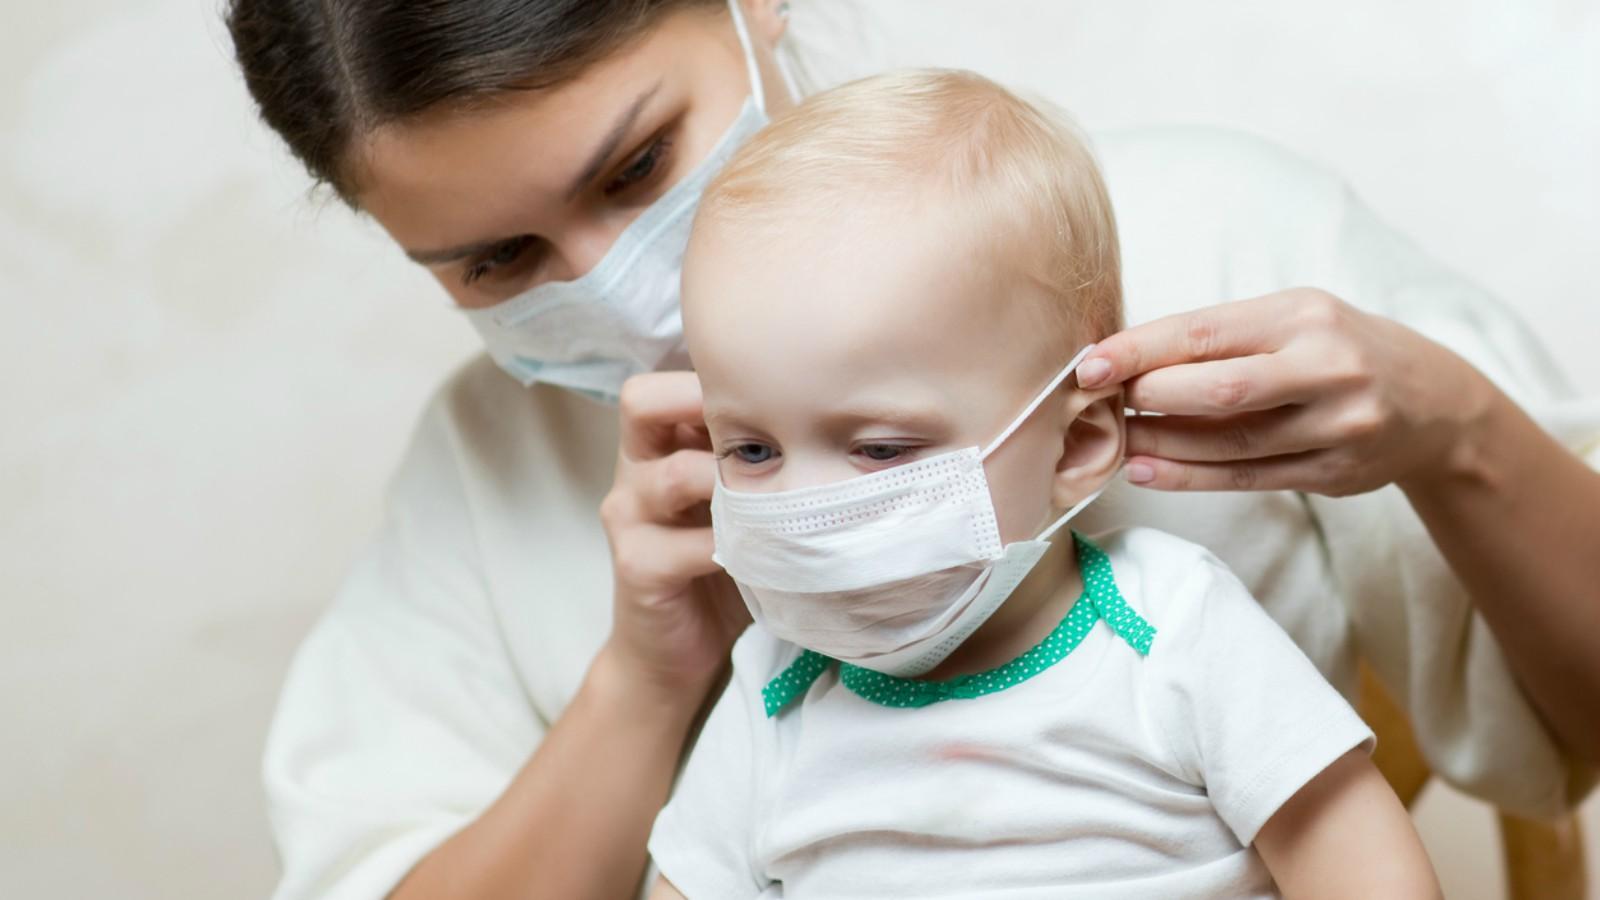 Come riconoscere i sintomi COVID nei bambini